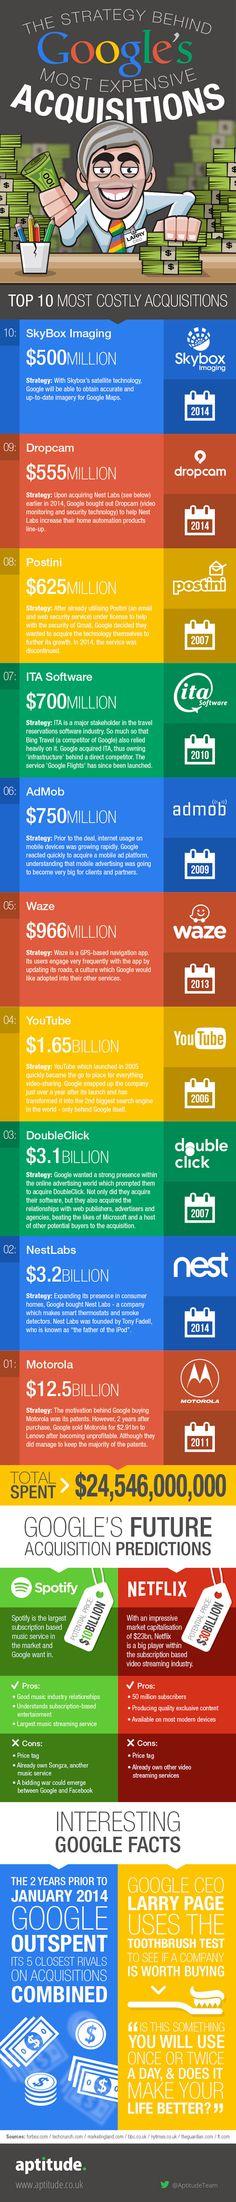 Les stratégies derrière les 10 plus grosses acquisitions de Google